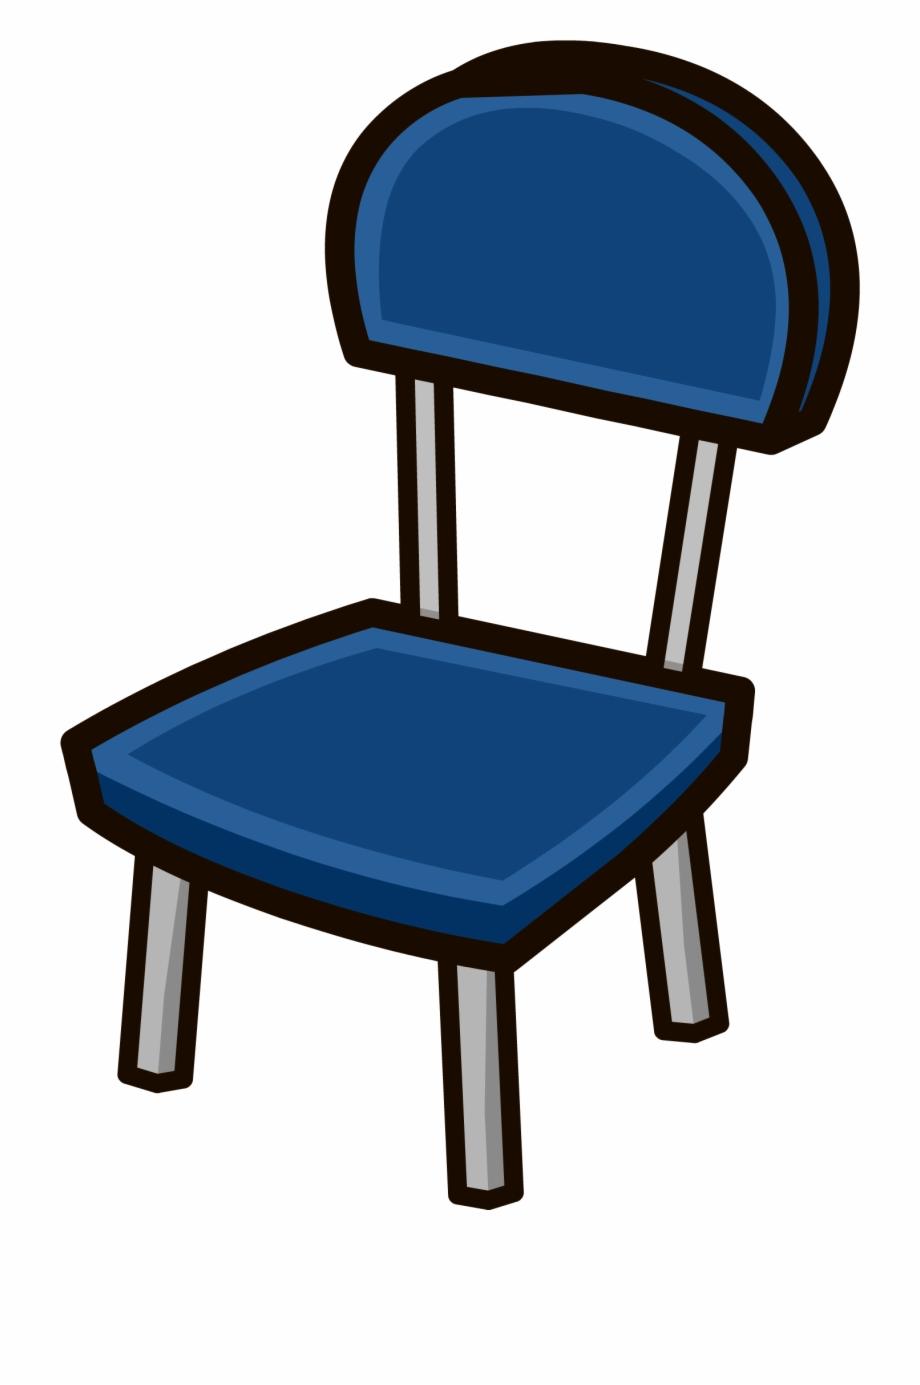 Chair Clipart Blue Chair.